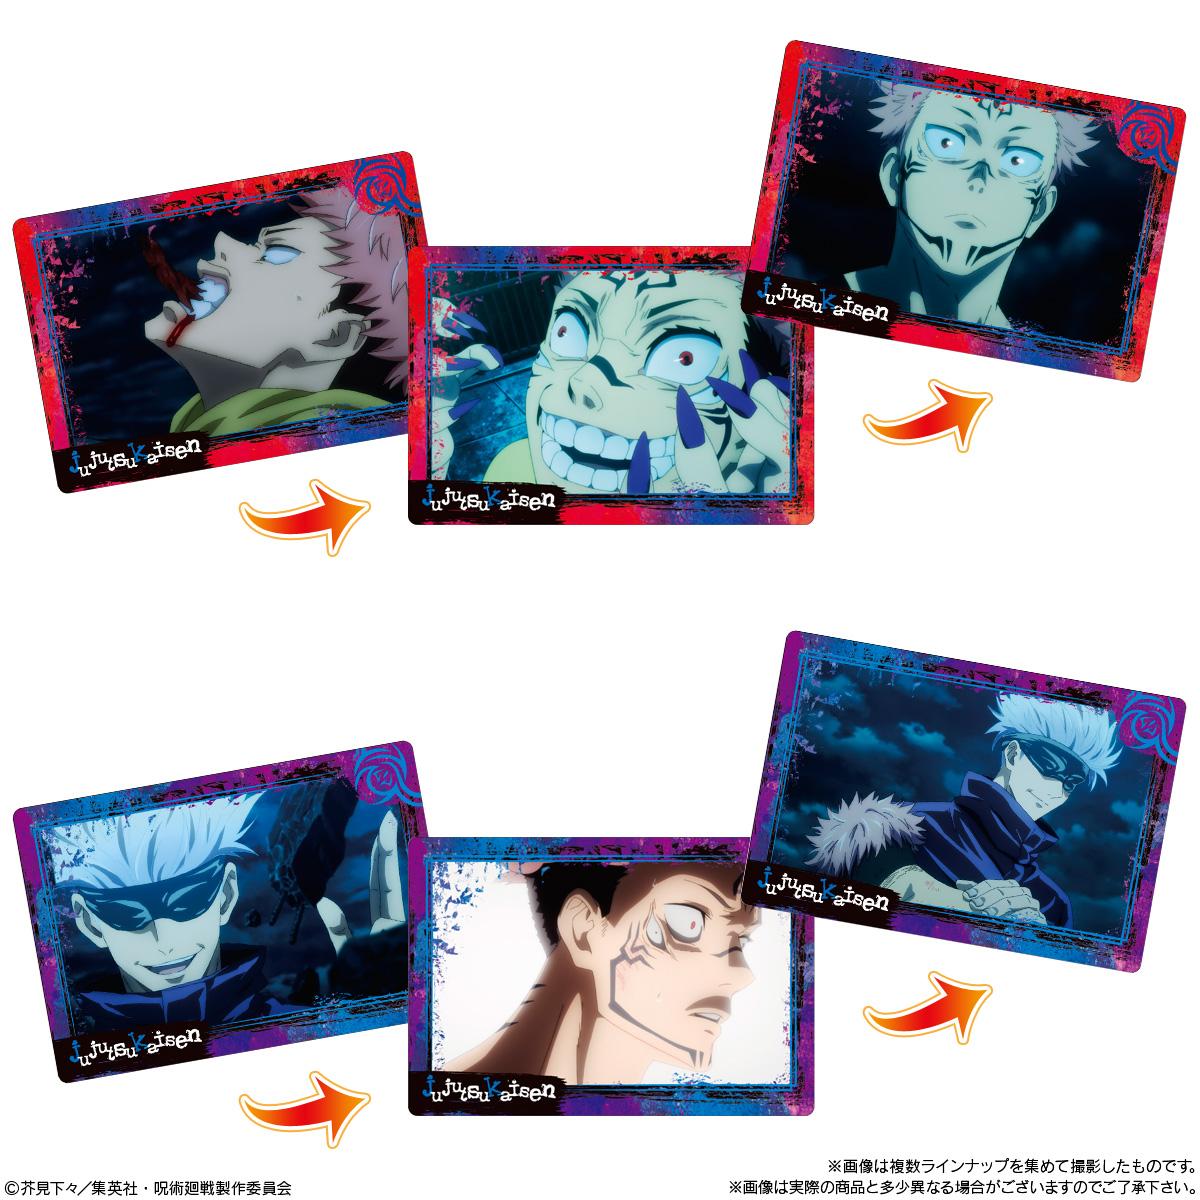 【食玩】呪術廻戦『呪術廻戦 PLAY BACKカードチョコスナック』10個入りBOX-003